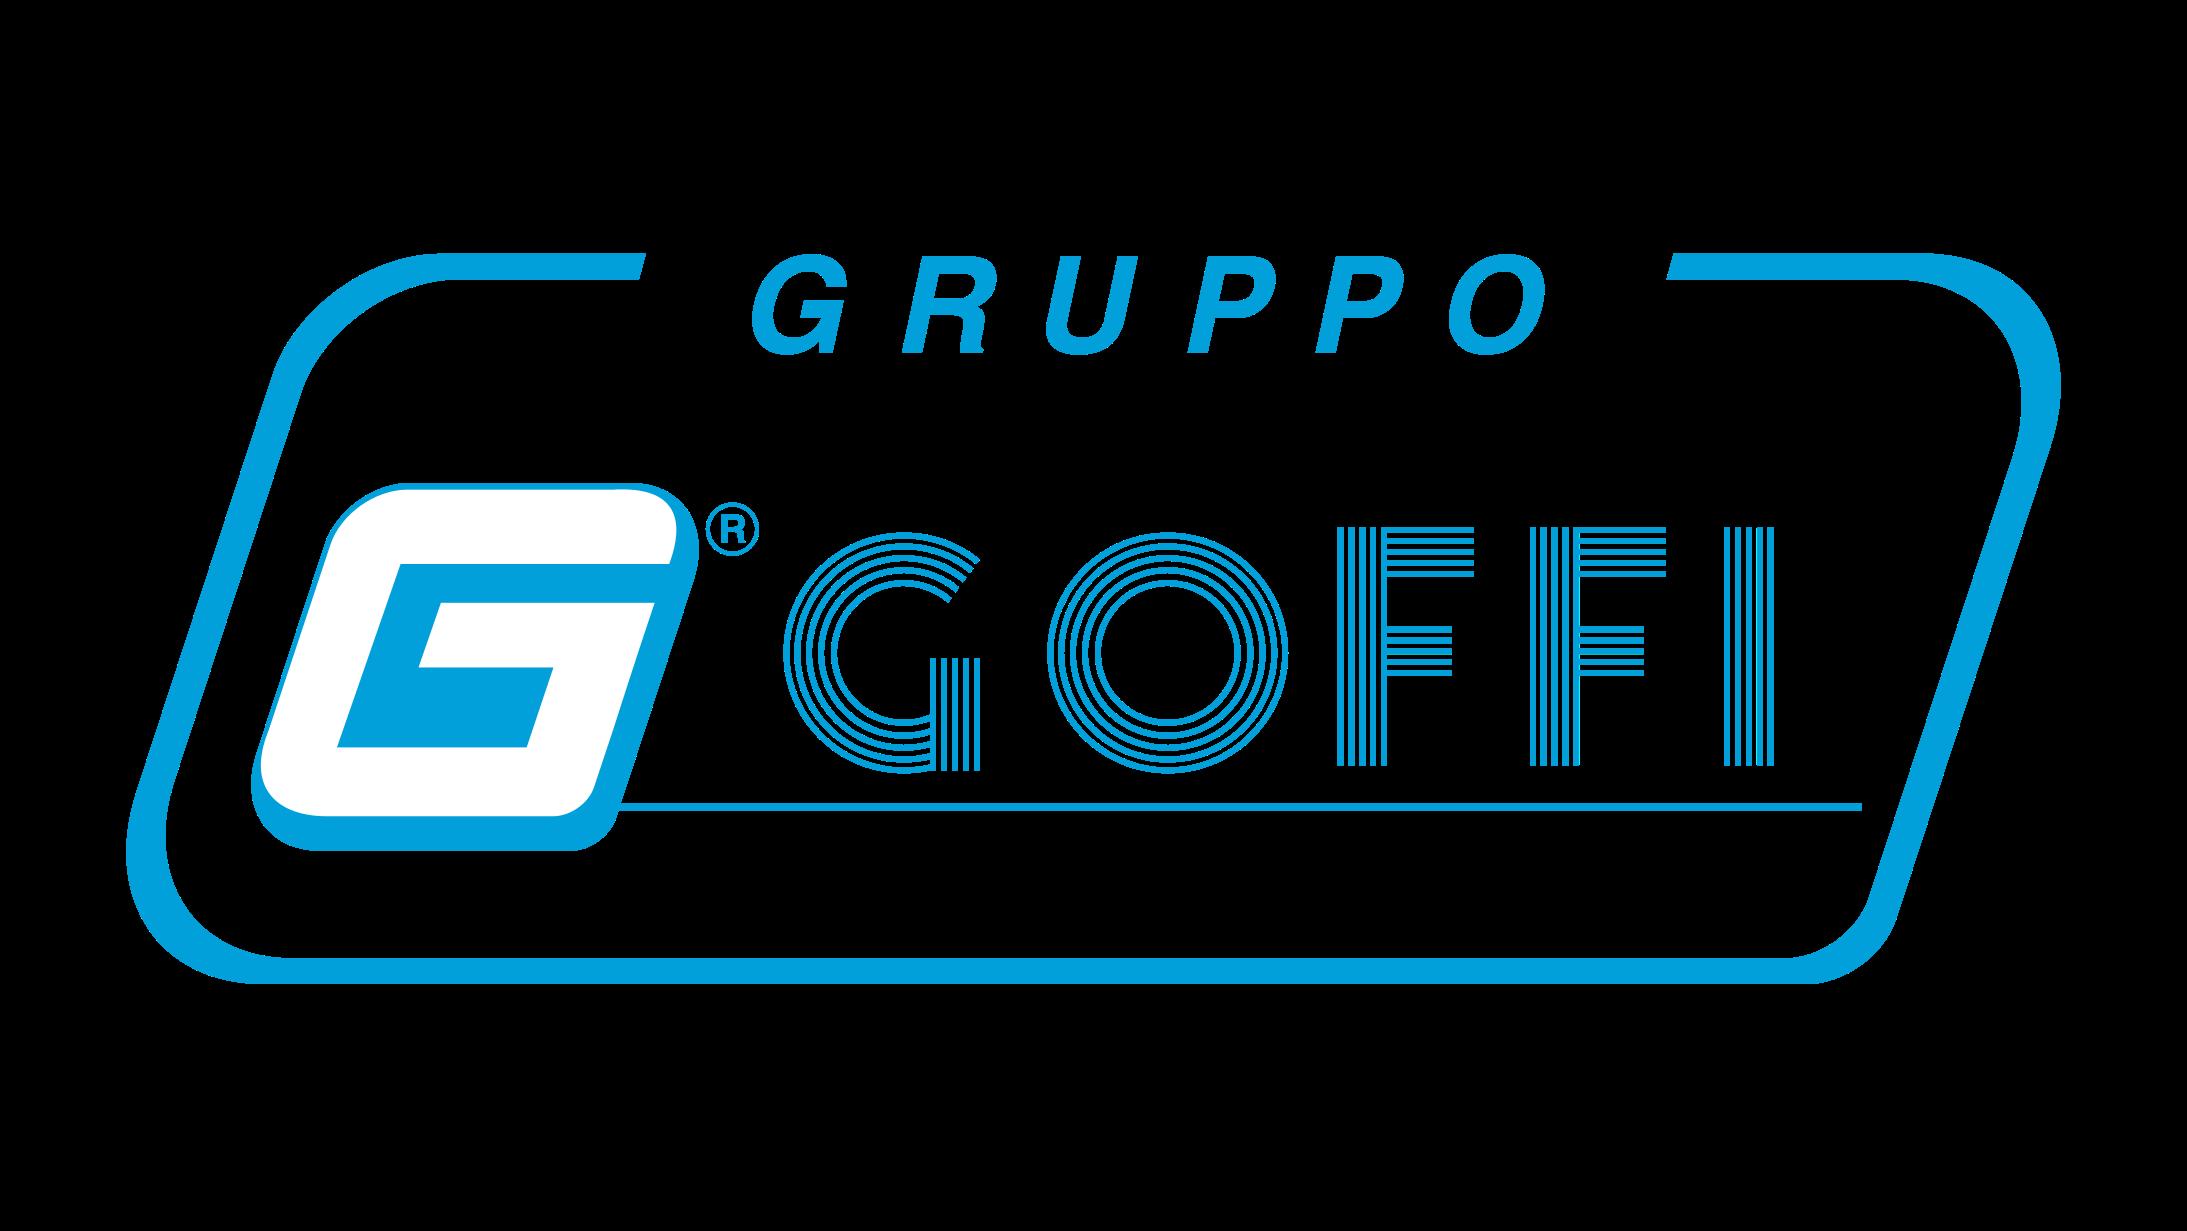 GBM - Évolution du logo - Logo de la société Goffi